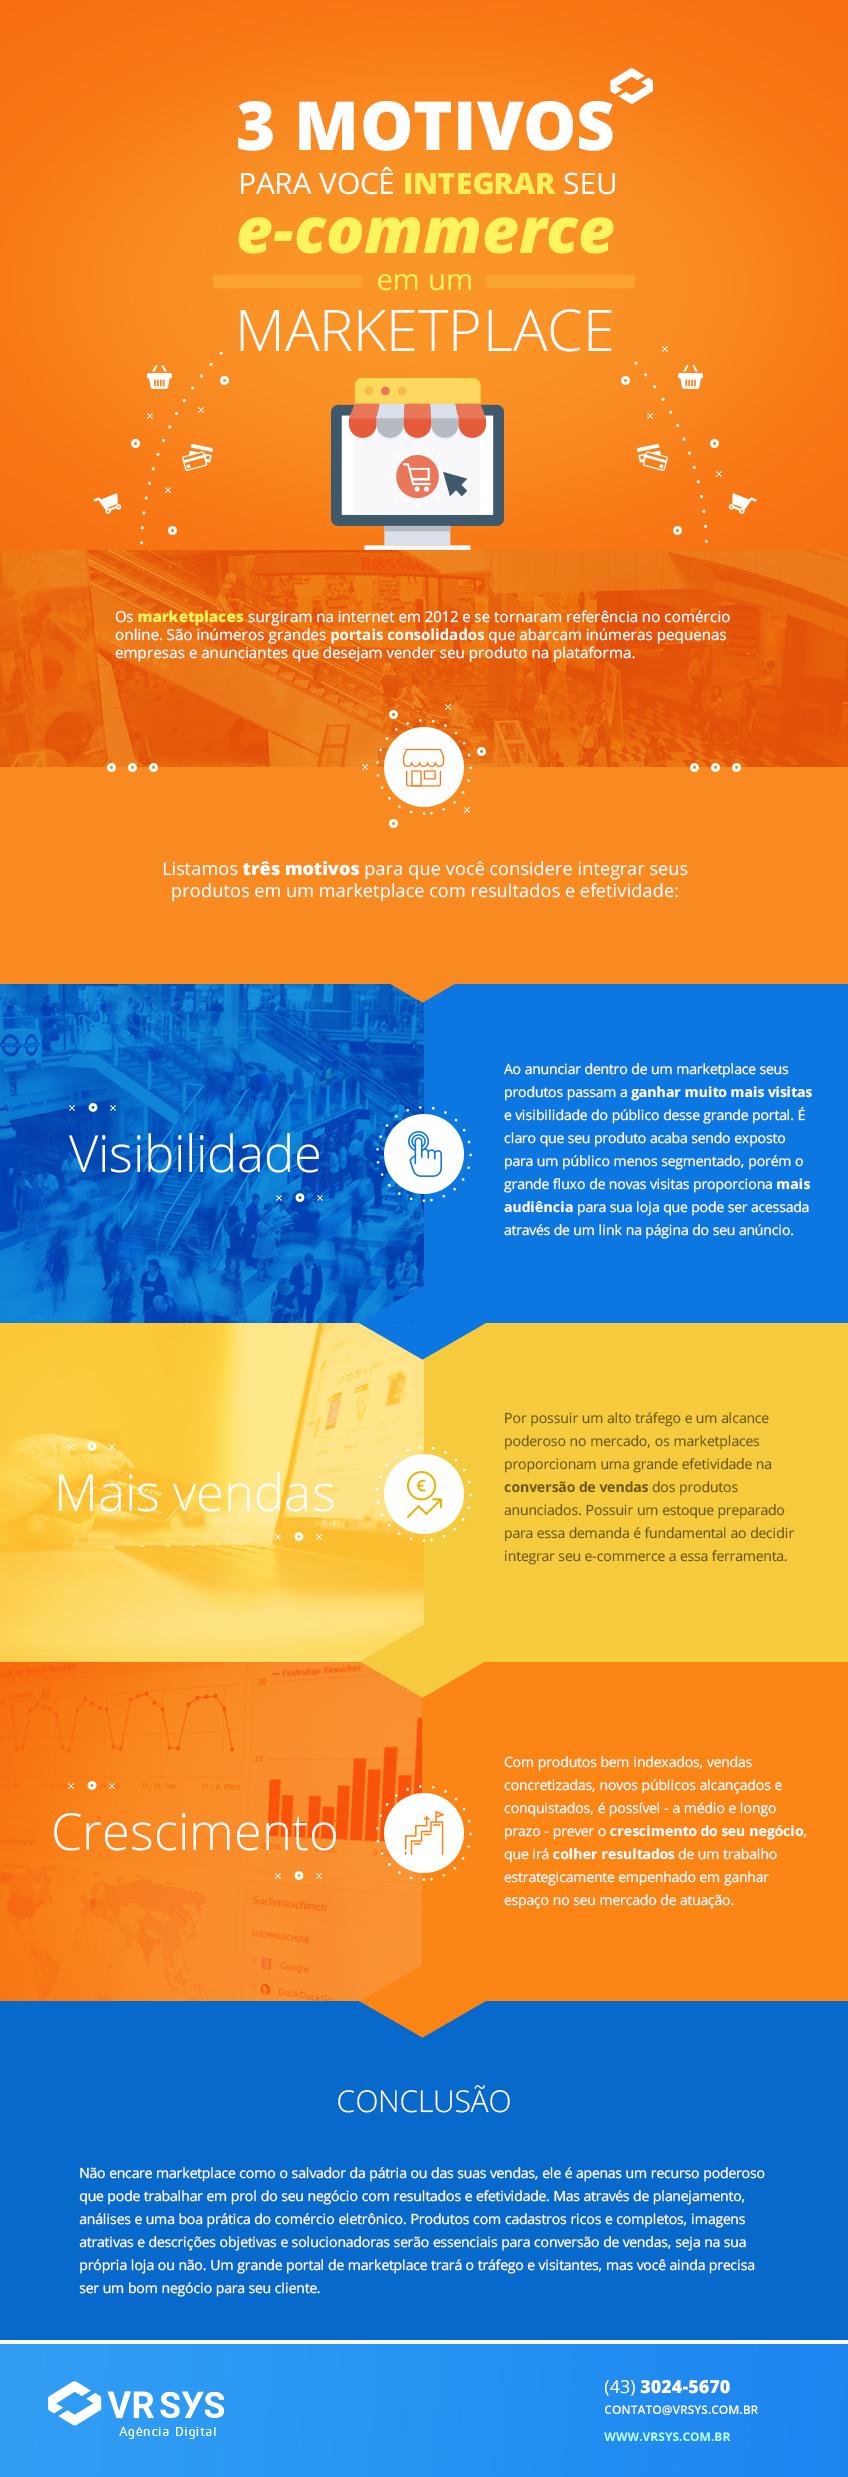 3 motivos para você integrar seu e-commerce em um marketplace